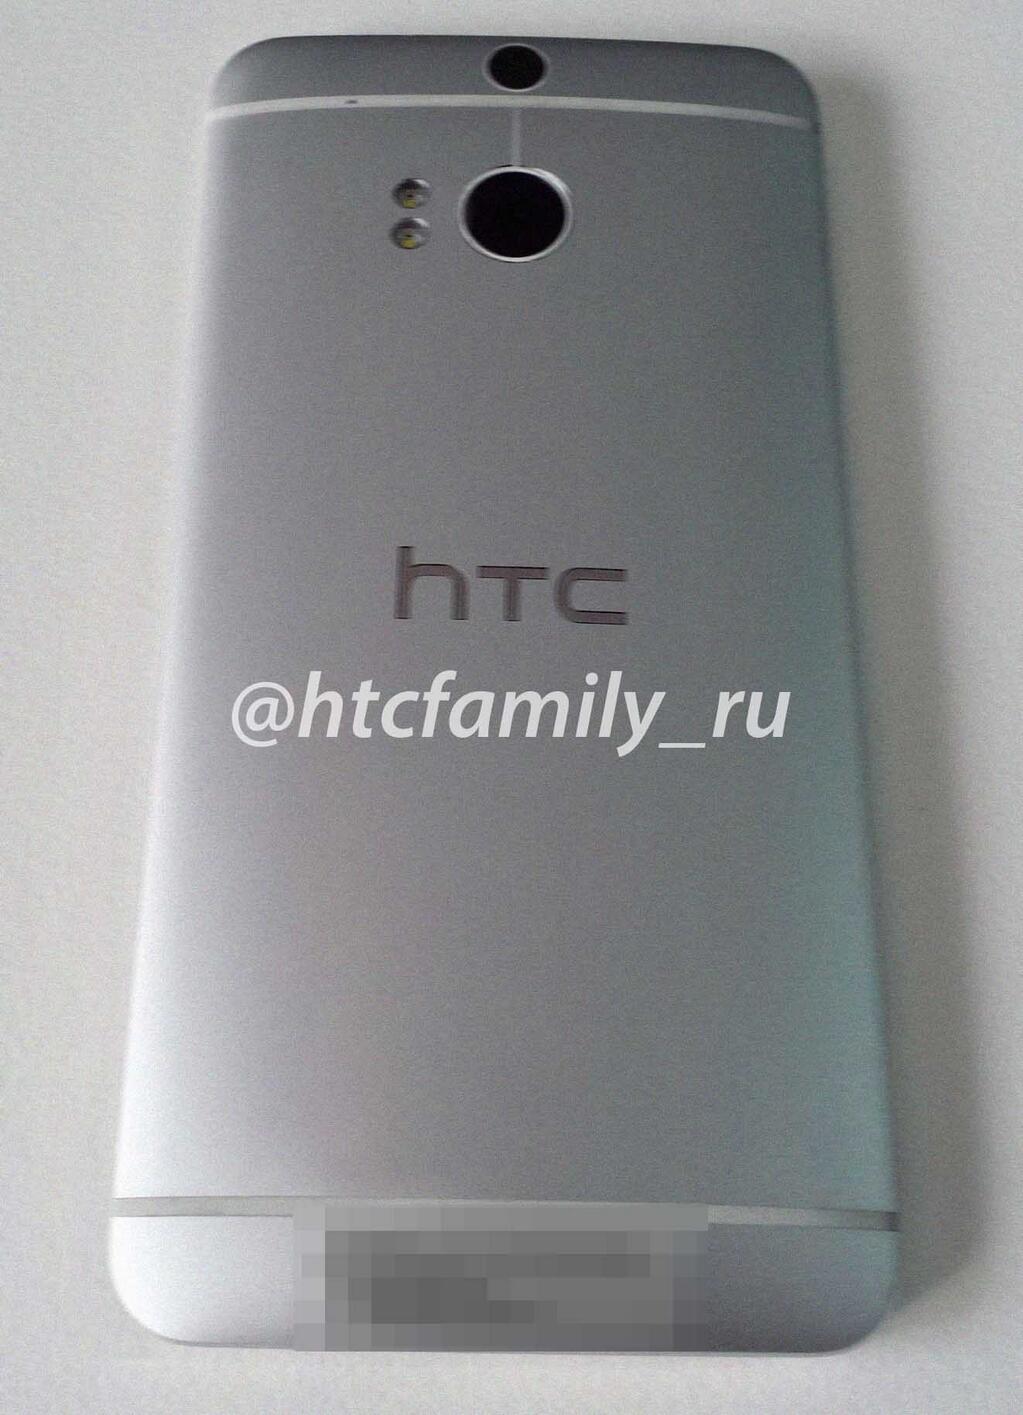 Dette skal være HTCs neste toppmodell. Det virker imidlertid lite trolig at den dukker opp på MWC.Foto: @htcfamily_ru